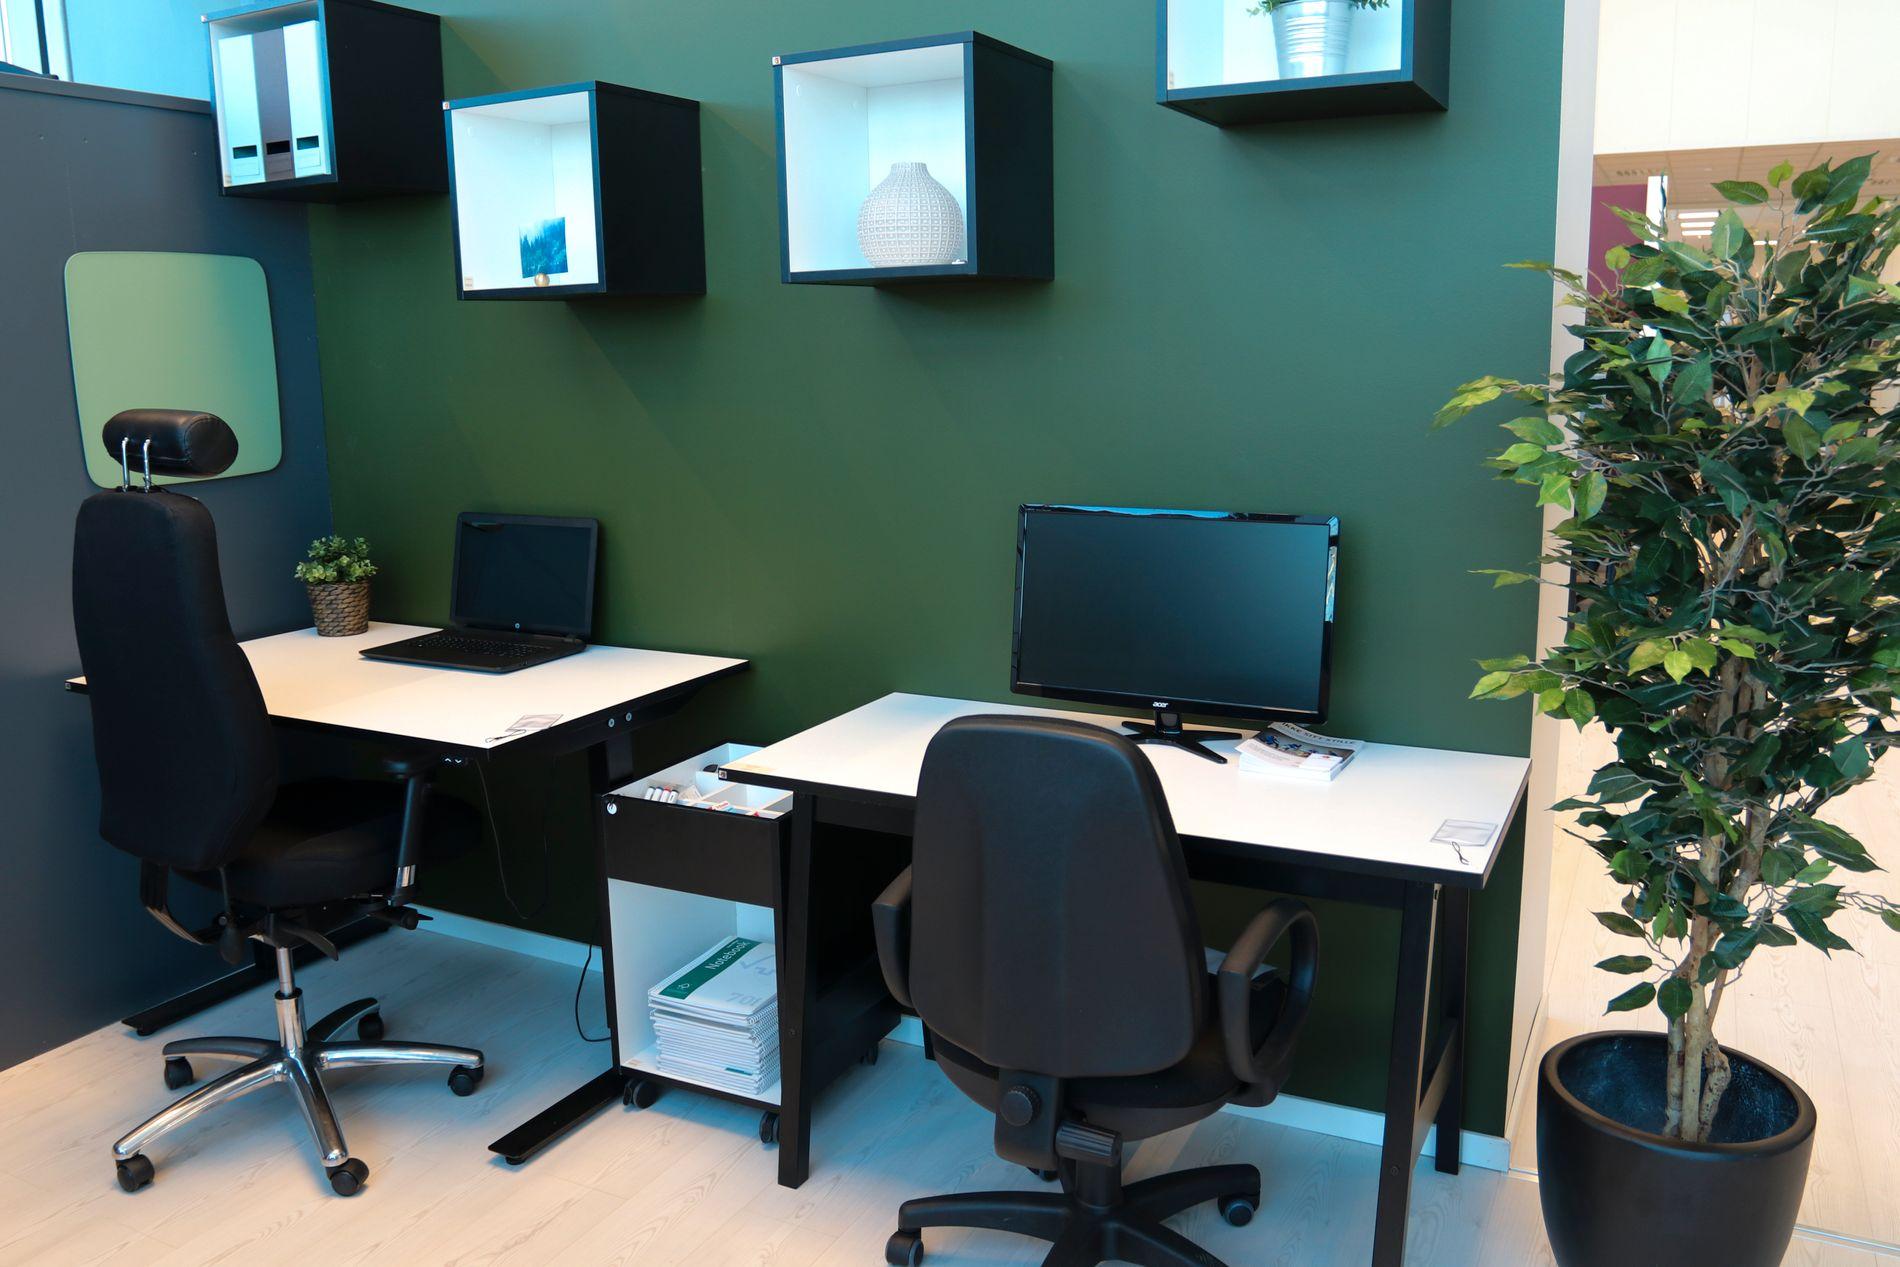 Hvite vegger er fremdeles vanlig på mange arbeidsplasser. Maler du derimot en eller flere vegger i farger bidrar det til mer energi samtidig som det øker produktiviteten.